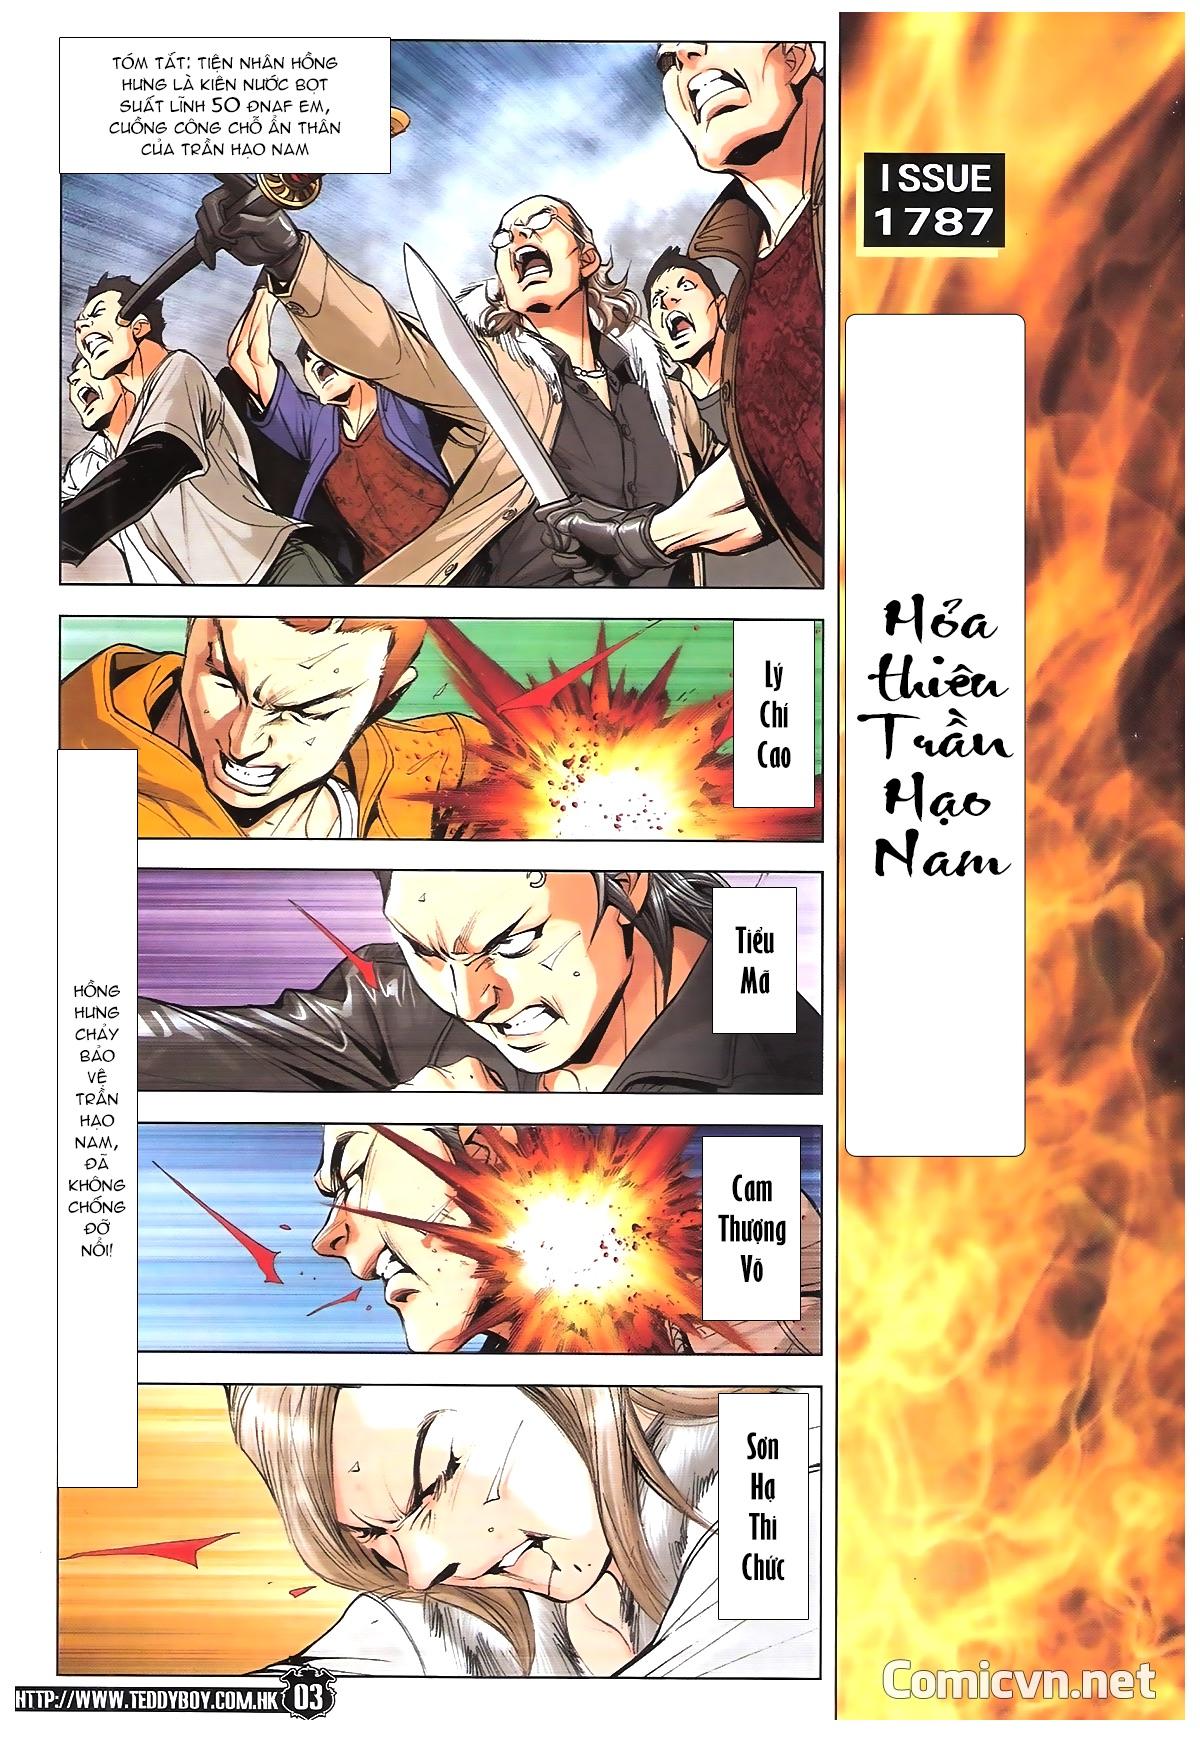 Người Trong Giang Hồ chapter 1787: hỏa thiêu trần hạo nam trang 2